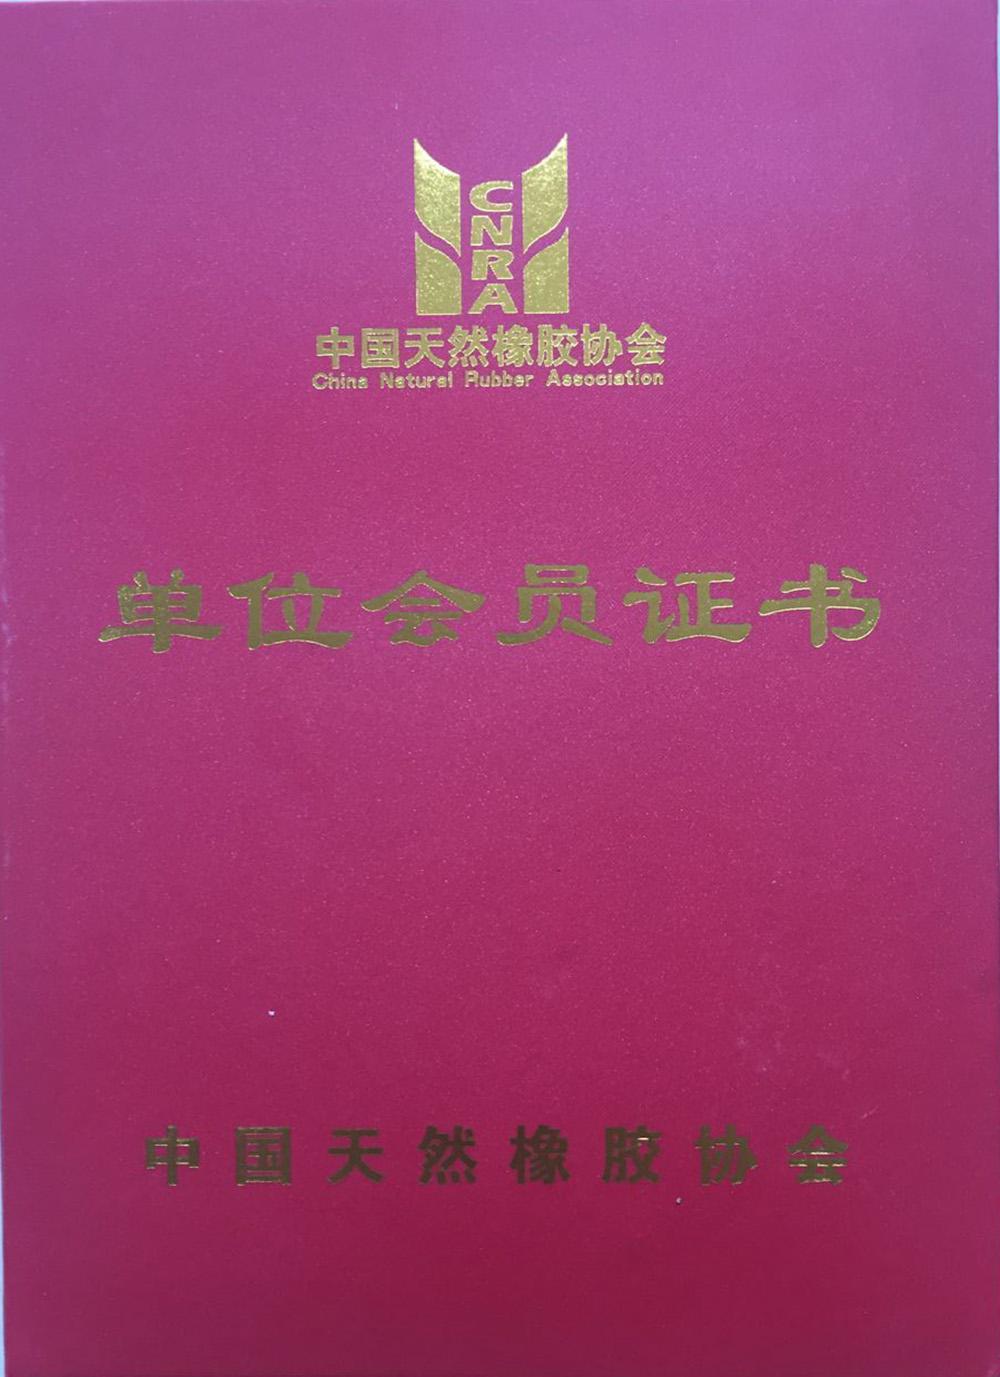 中国天然橡胶协会理事单位